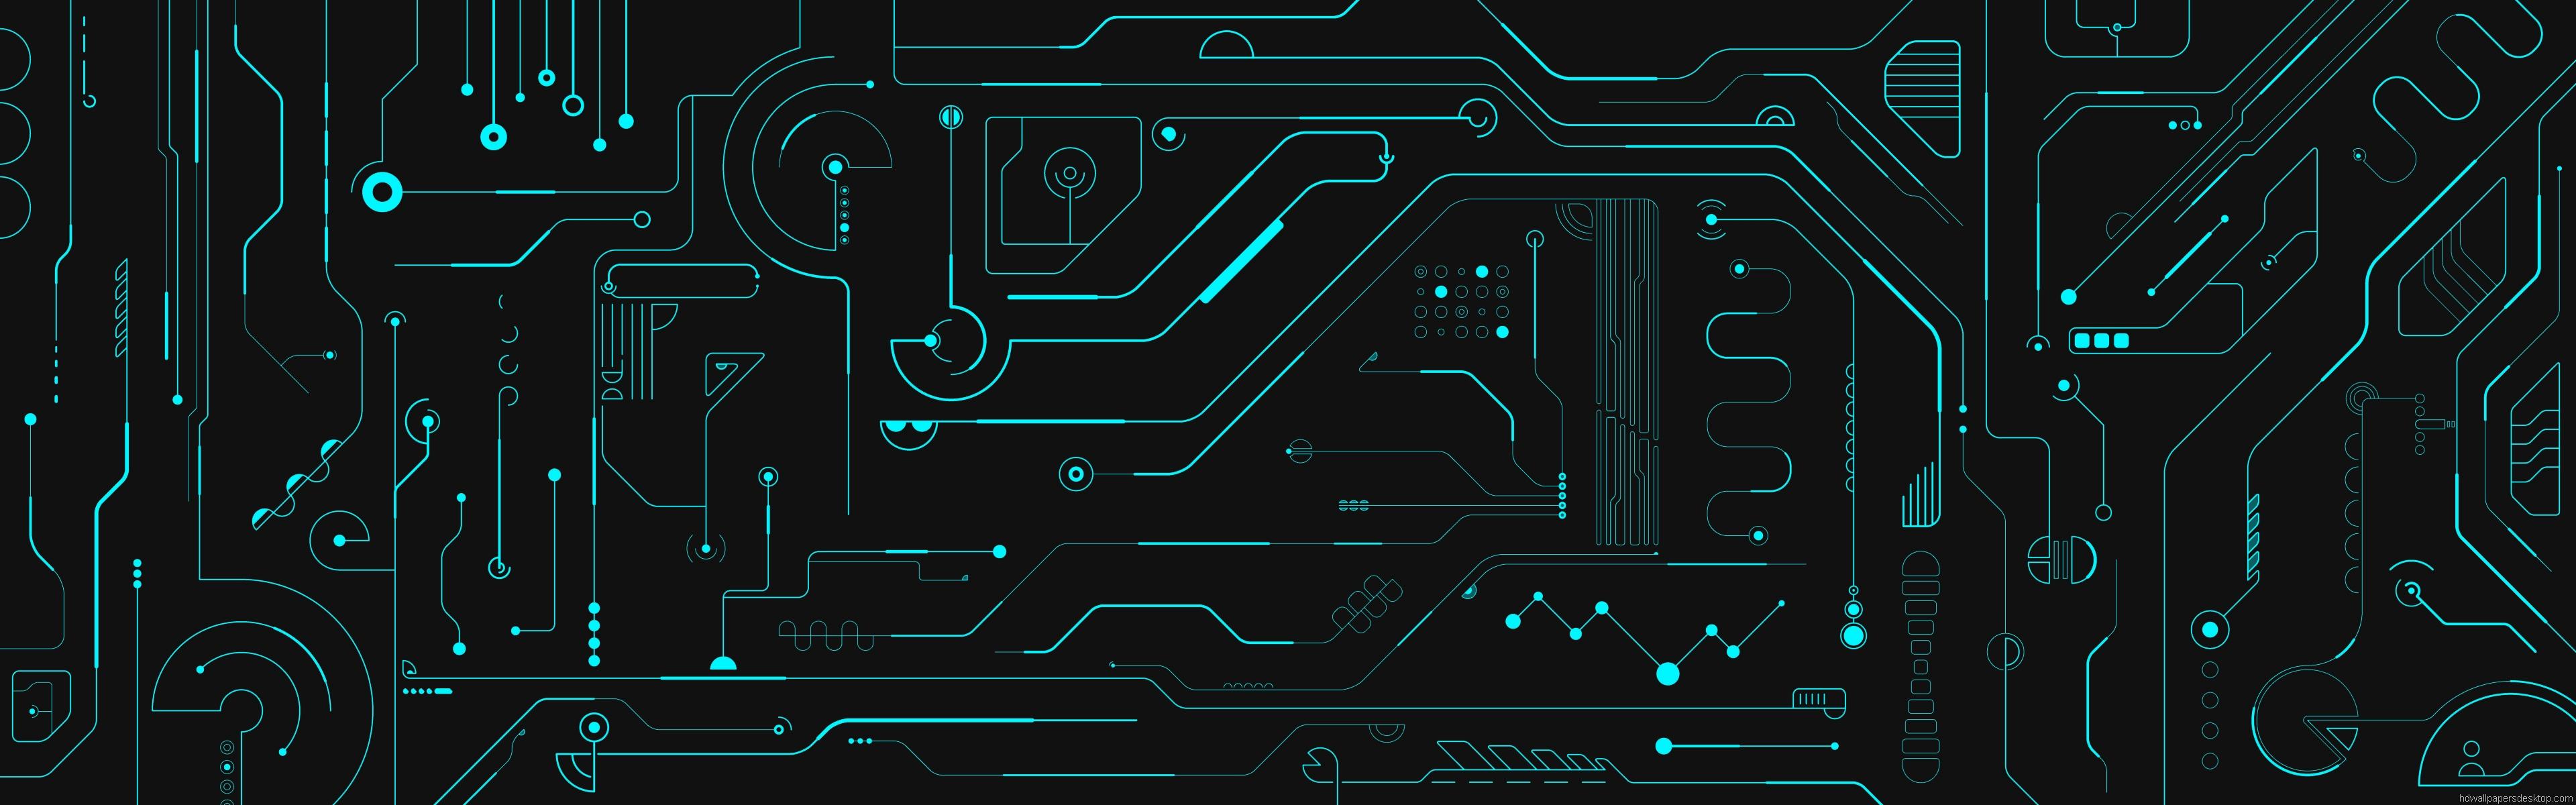 dual screen wallpaper   wwwwallpapers in hdcom 3840x1200